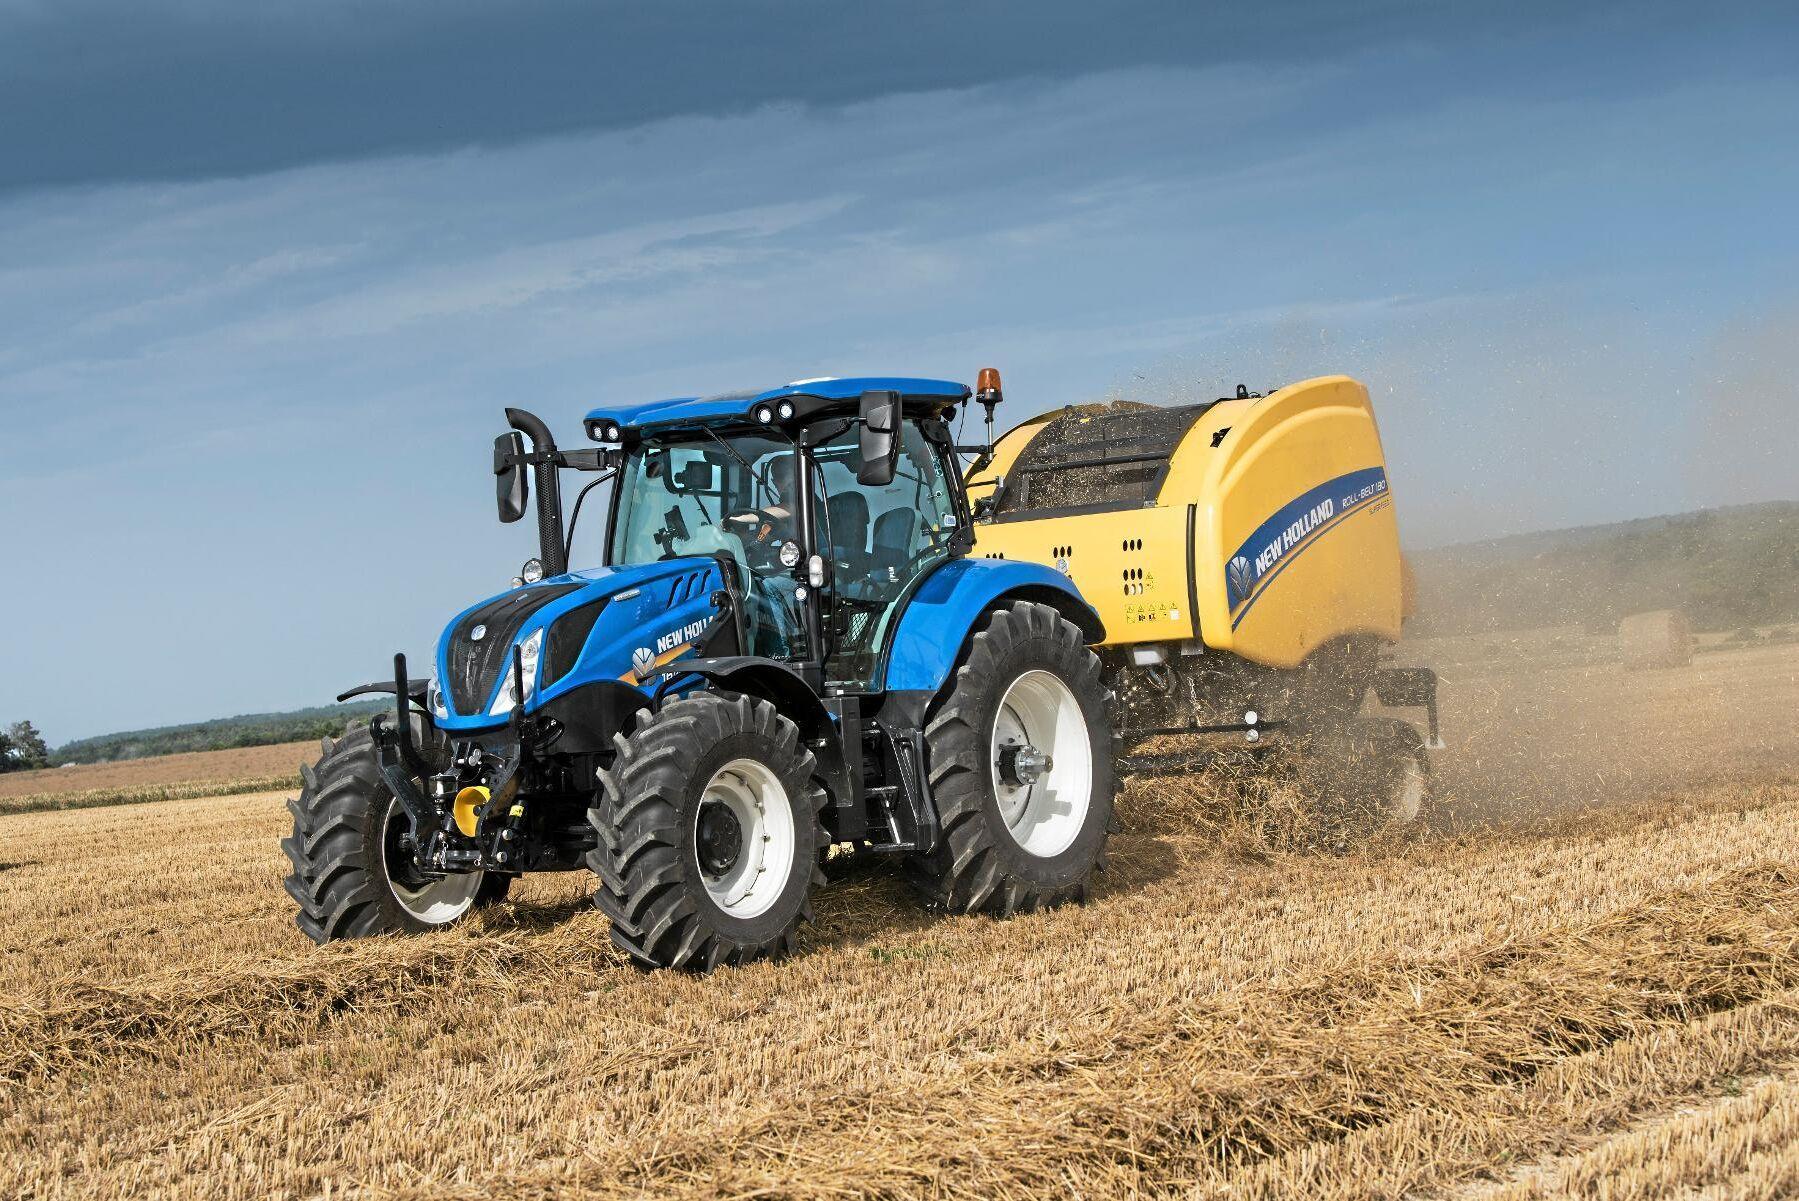 New Holland hade en bra september med totalt 46 stycken registrerade traktorer. På bilden är en New Holland T6.175 DC.